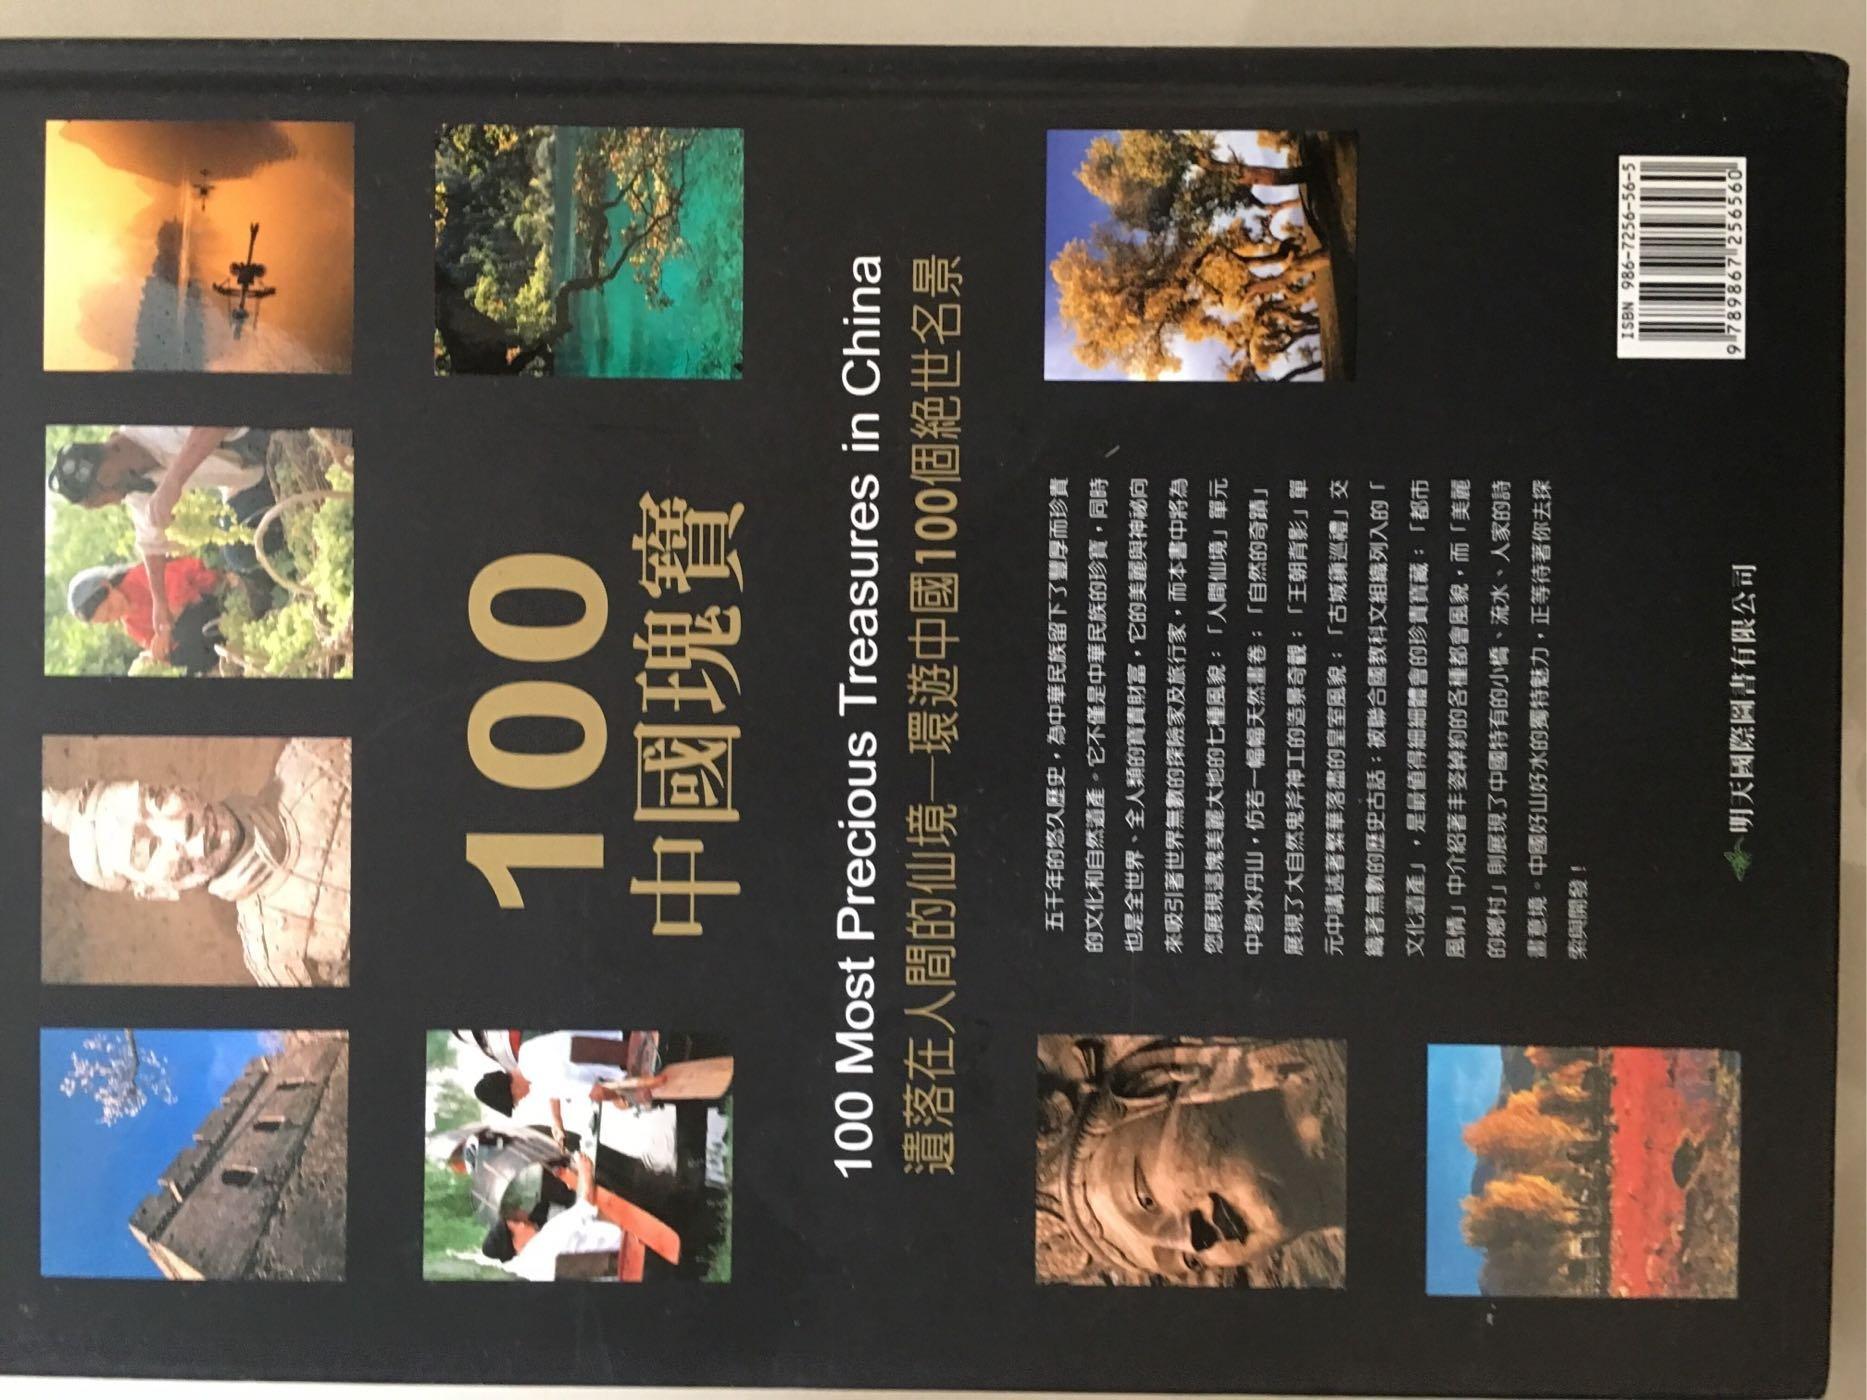 坐標·100中國瑰寶·遺落的人間仙靜·環遊中國100個絕世名景· 499元·明天國際圖書有限 絕版 叢書·每頁附有圖案·美景插圖·美景獨特魅力